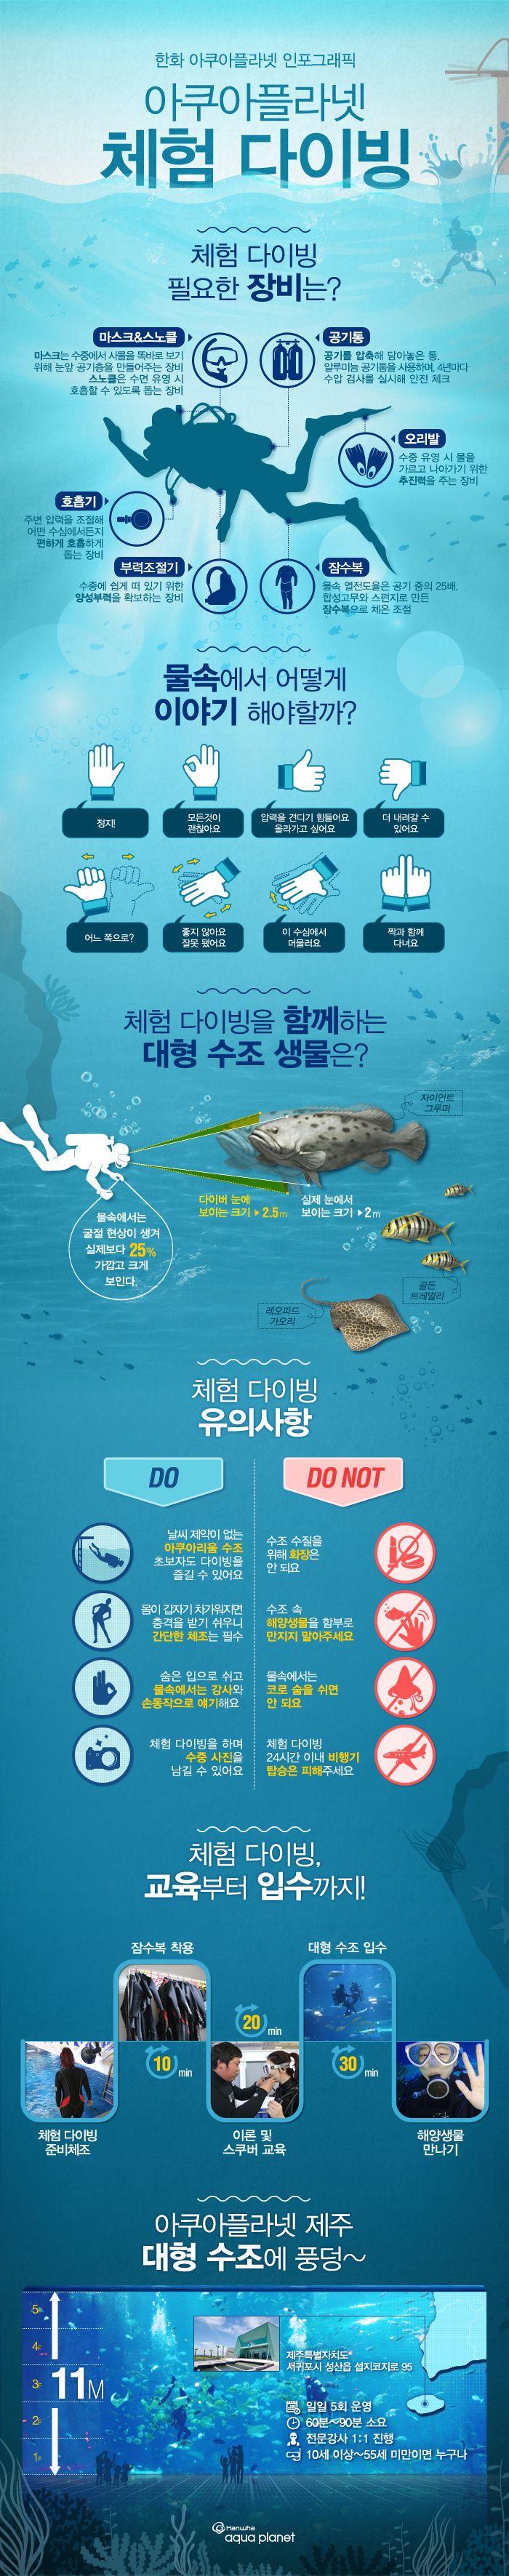 아쿠아플라넷 제주 체험 다이빙에 관한 인포그래픽